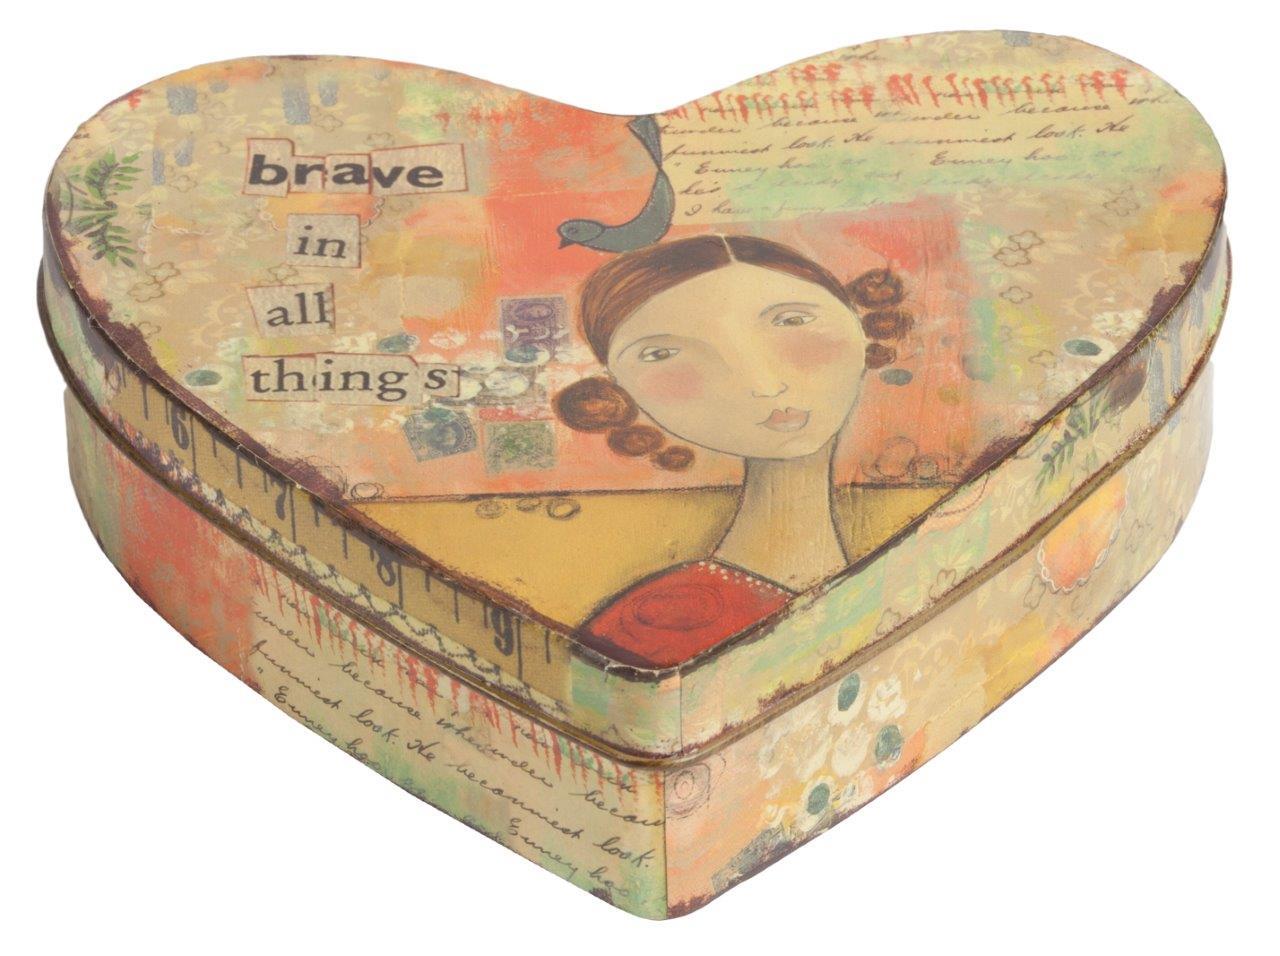 Купить Металлическая коробка (шкатулка) с девушкой Brave в интернет магазине дизайнерской мебели и аксессуаров для дома и дачи